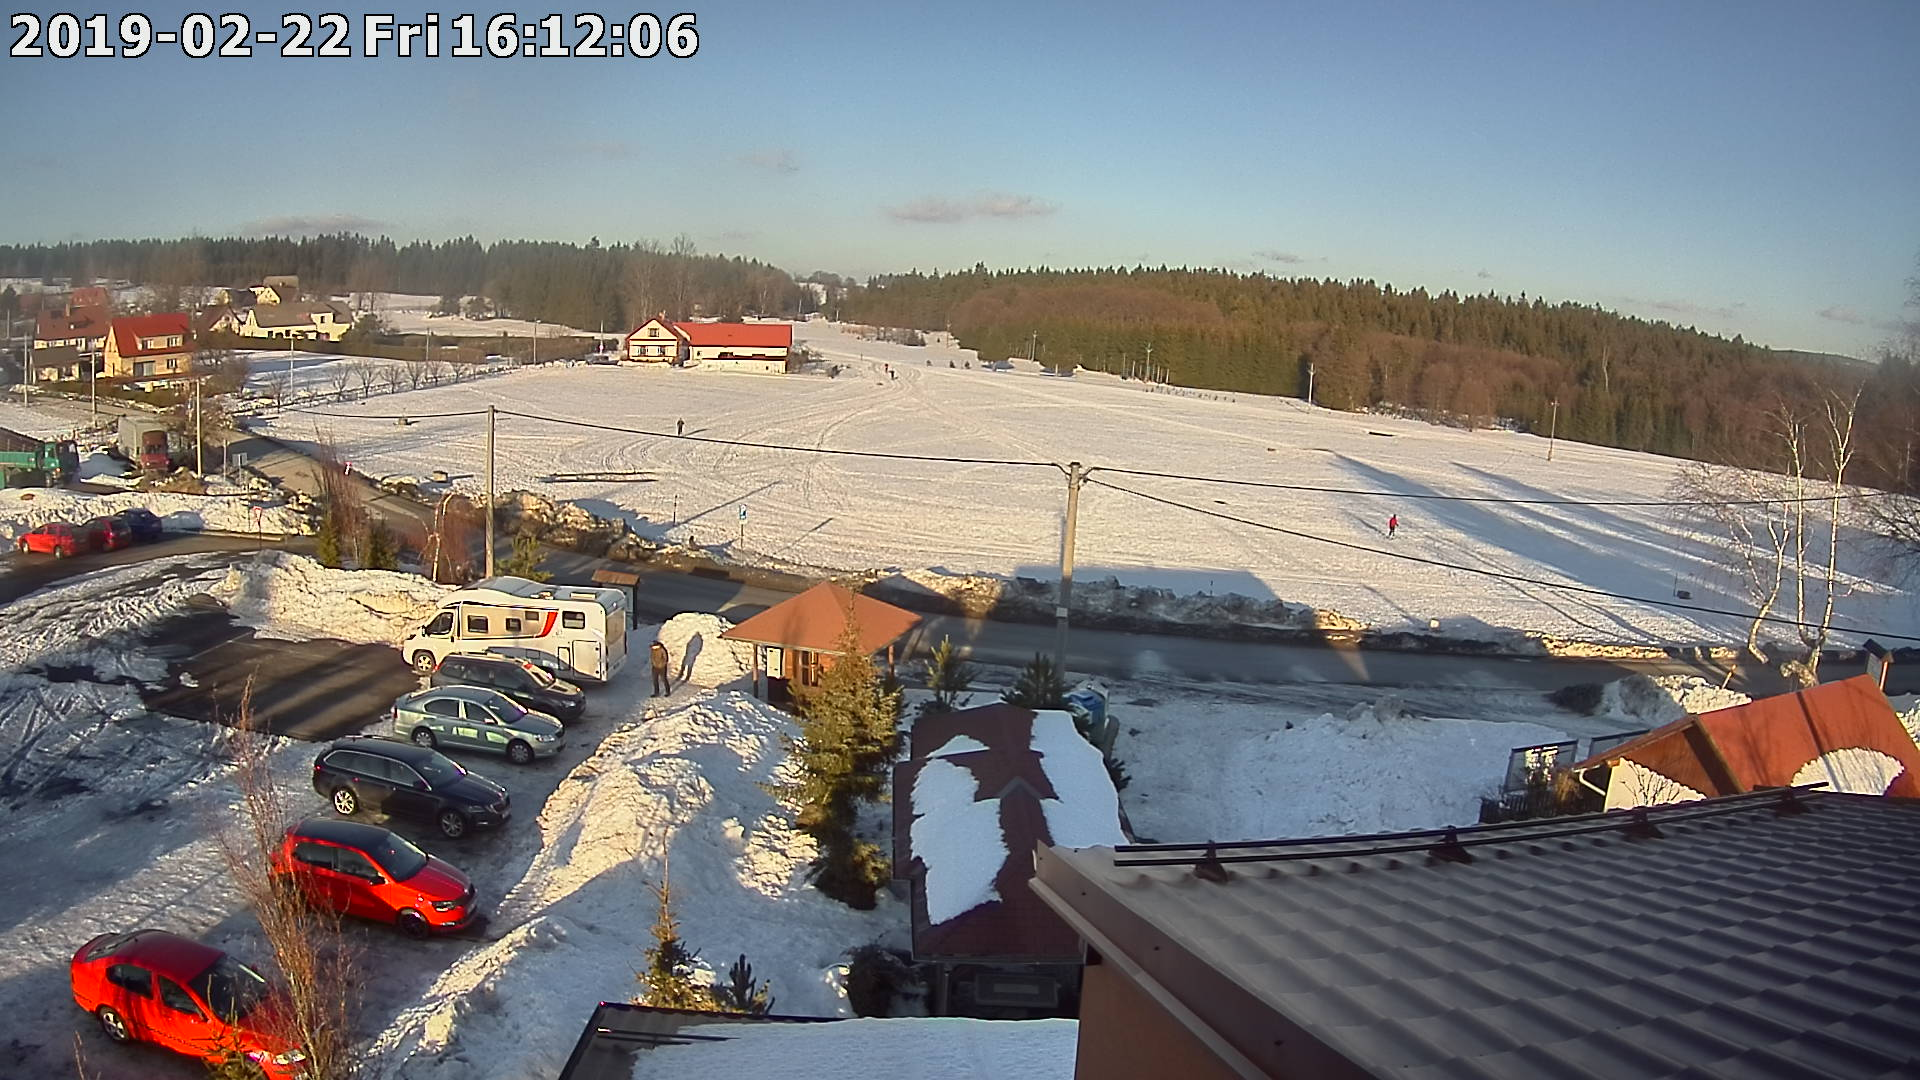 Webkamera ze dne 2019-02-22